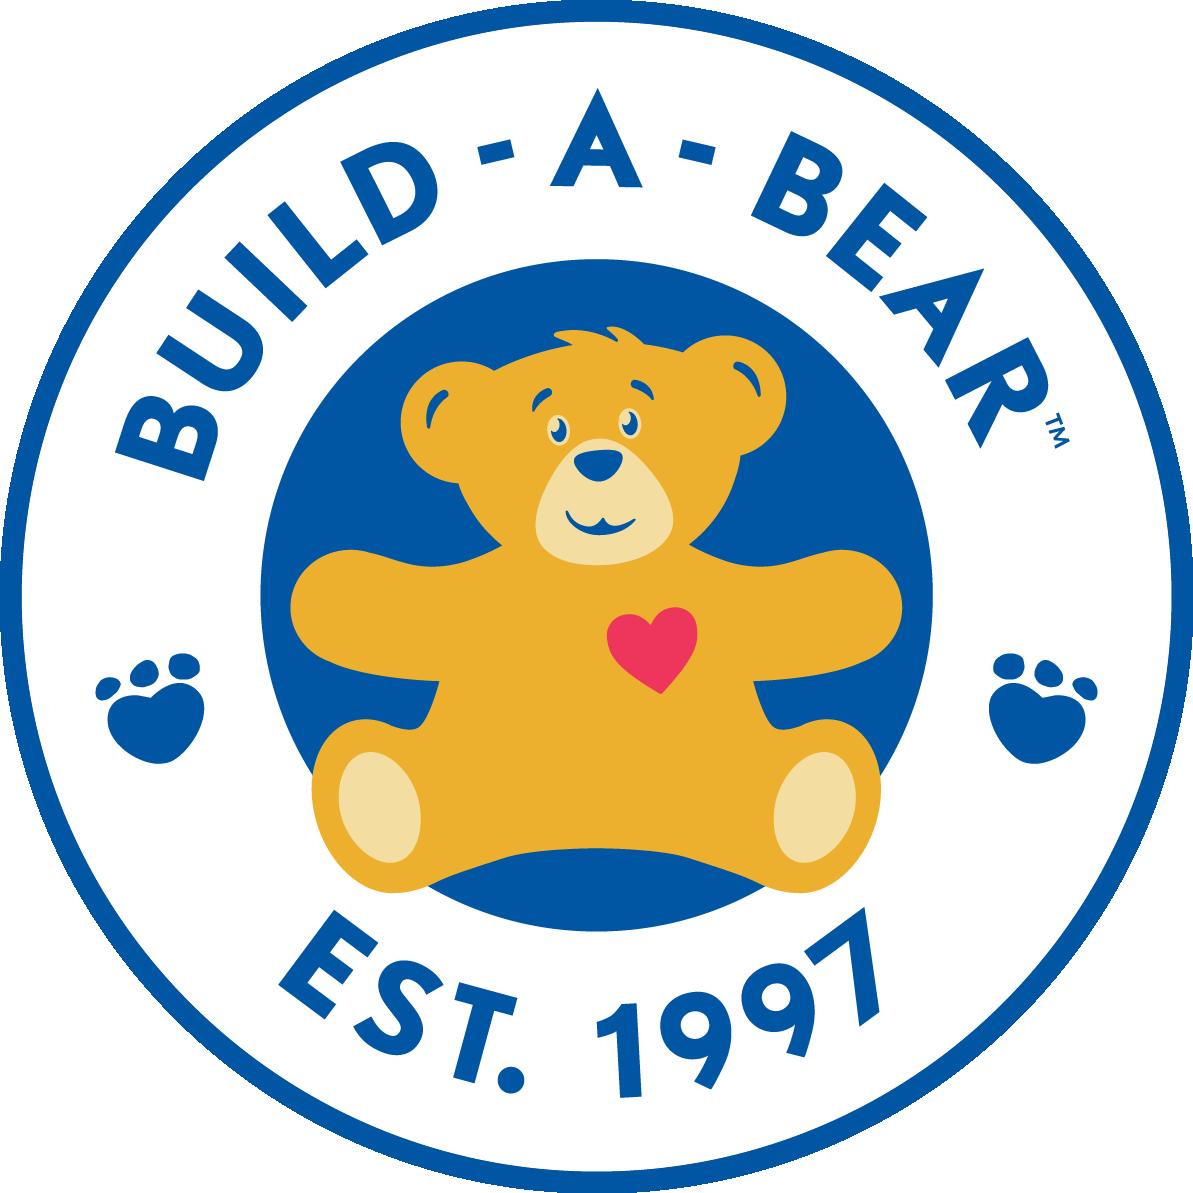 large size BUILD-A-BEAR EST. 1997 logo